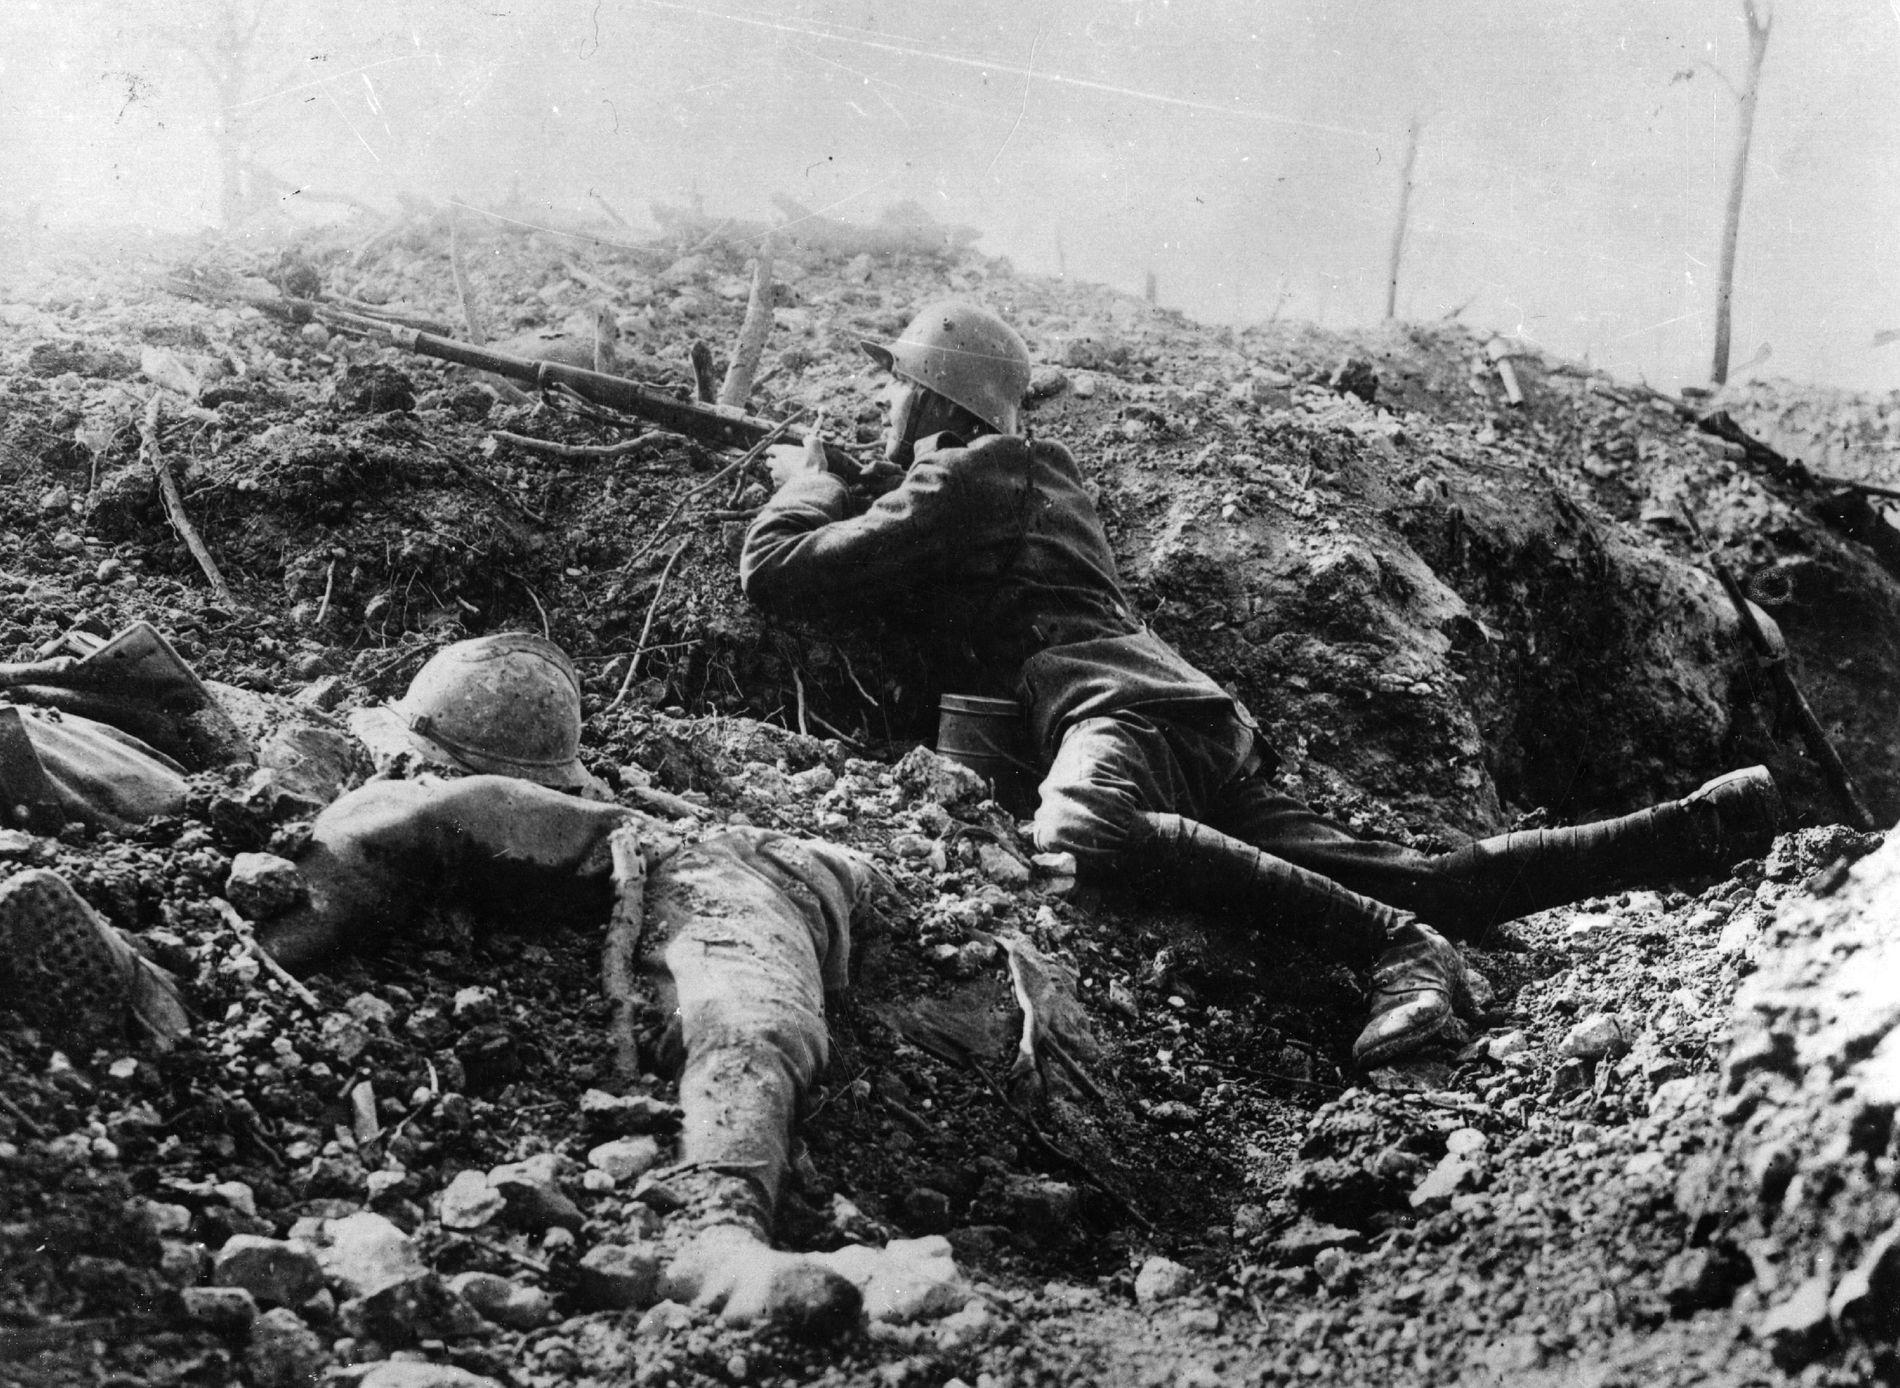 UFATTELIG LIDELSE: En tysk skarpskytter tar sikte. Ved siden av ham ligger den døde kroppen til en fransk soldat.